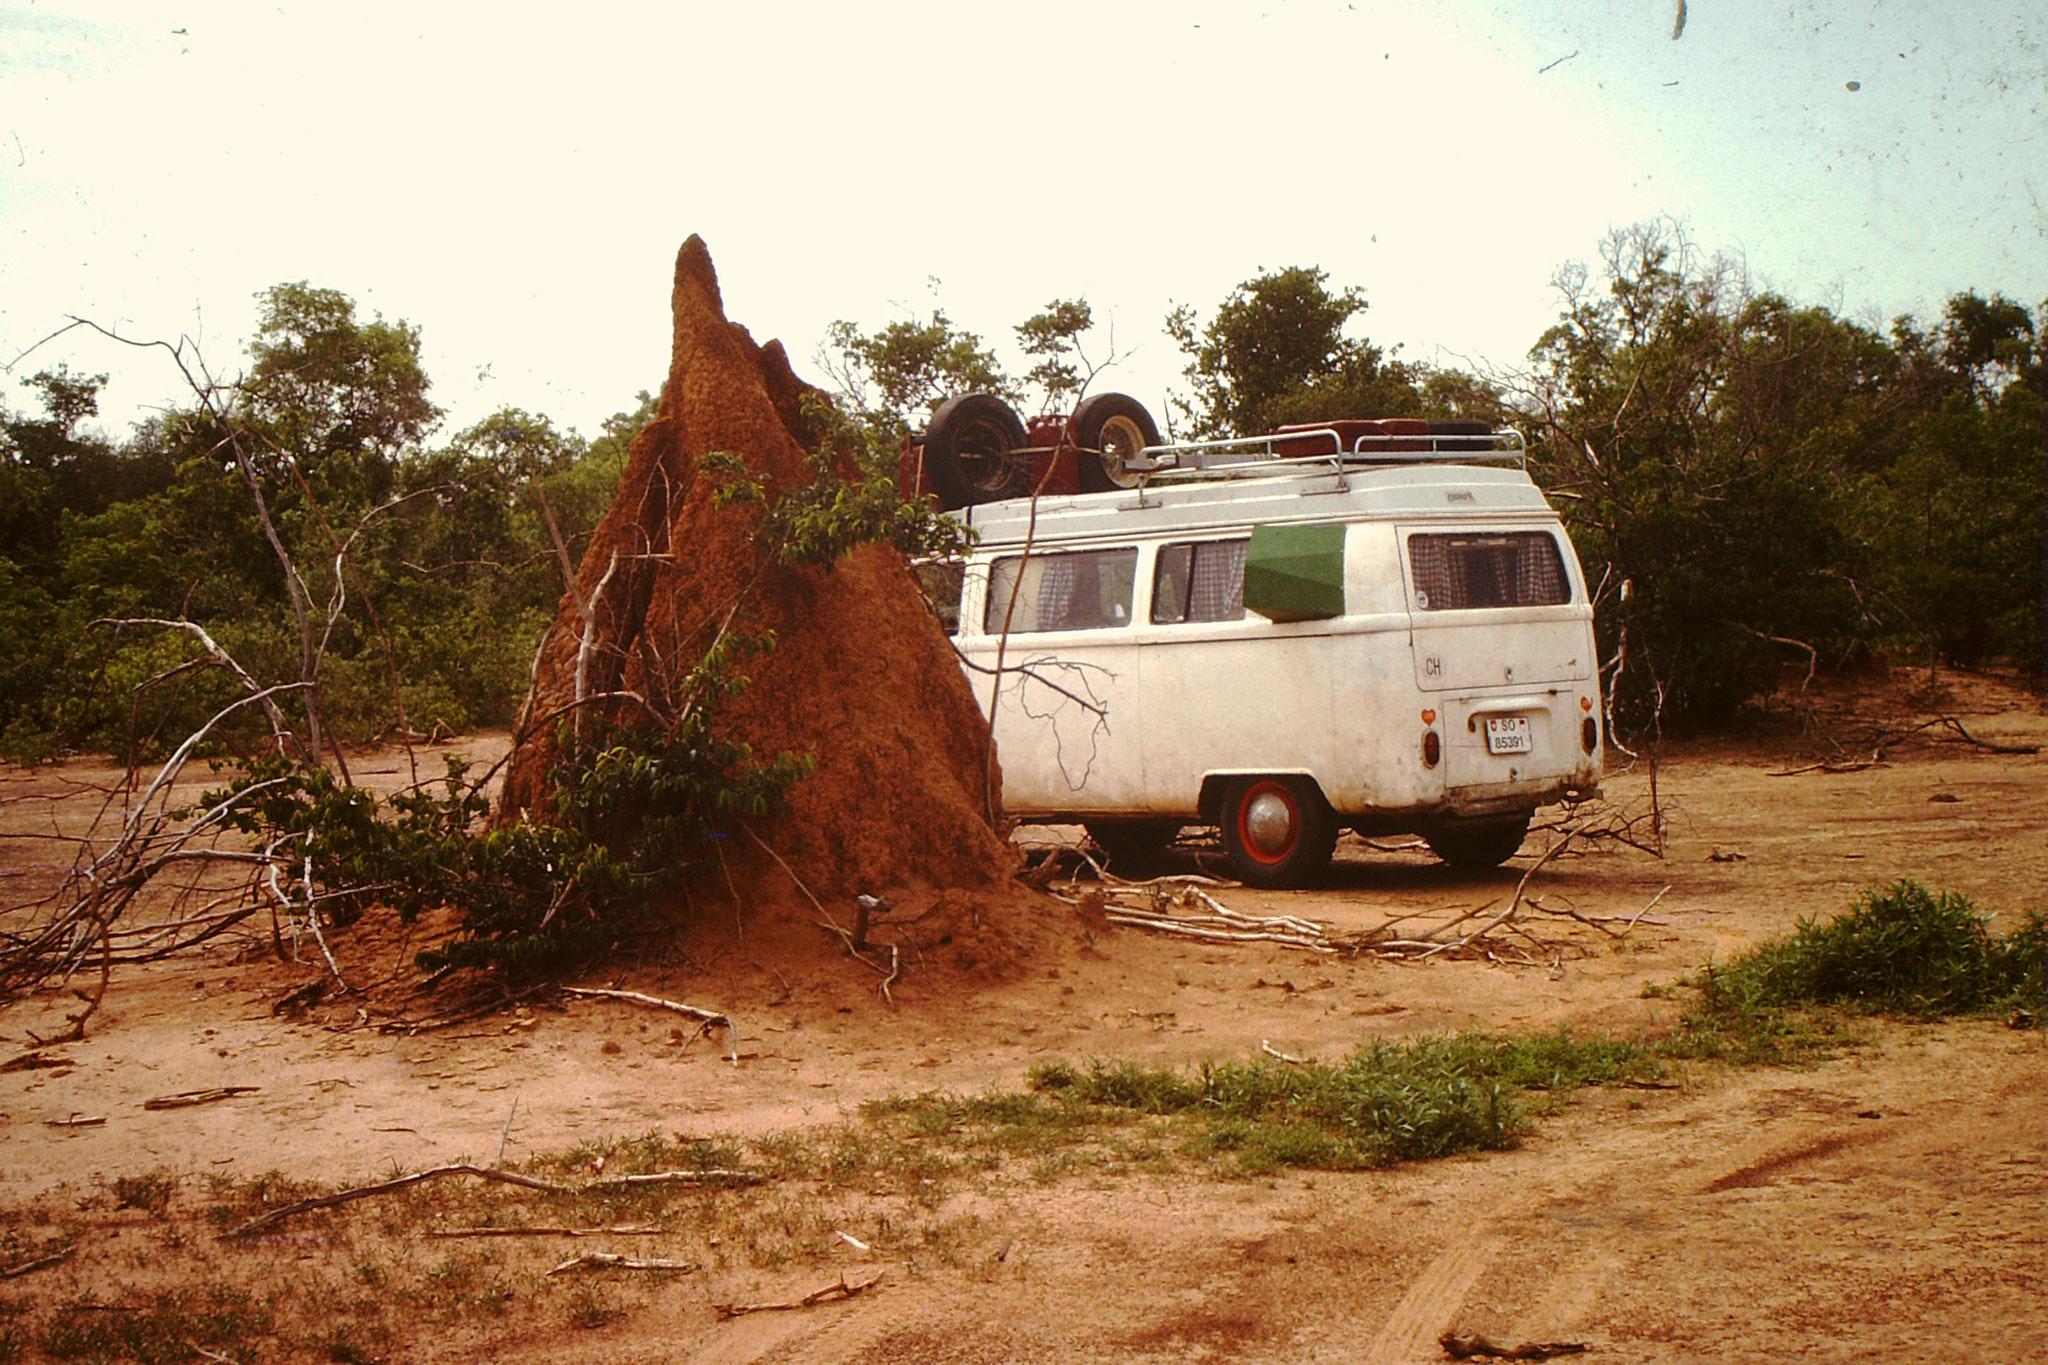 1. Die Termitenhügel sind oft sehr gross. Verlassene Termitenhügel dienen auch als Nistplatz für Vögel und andere Kleinlebewesen. Die Hügel sind sehr hart und überstehen auch die Regenzeit.